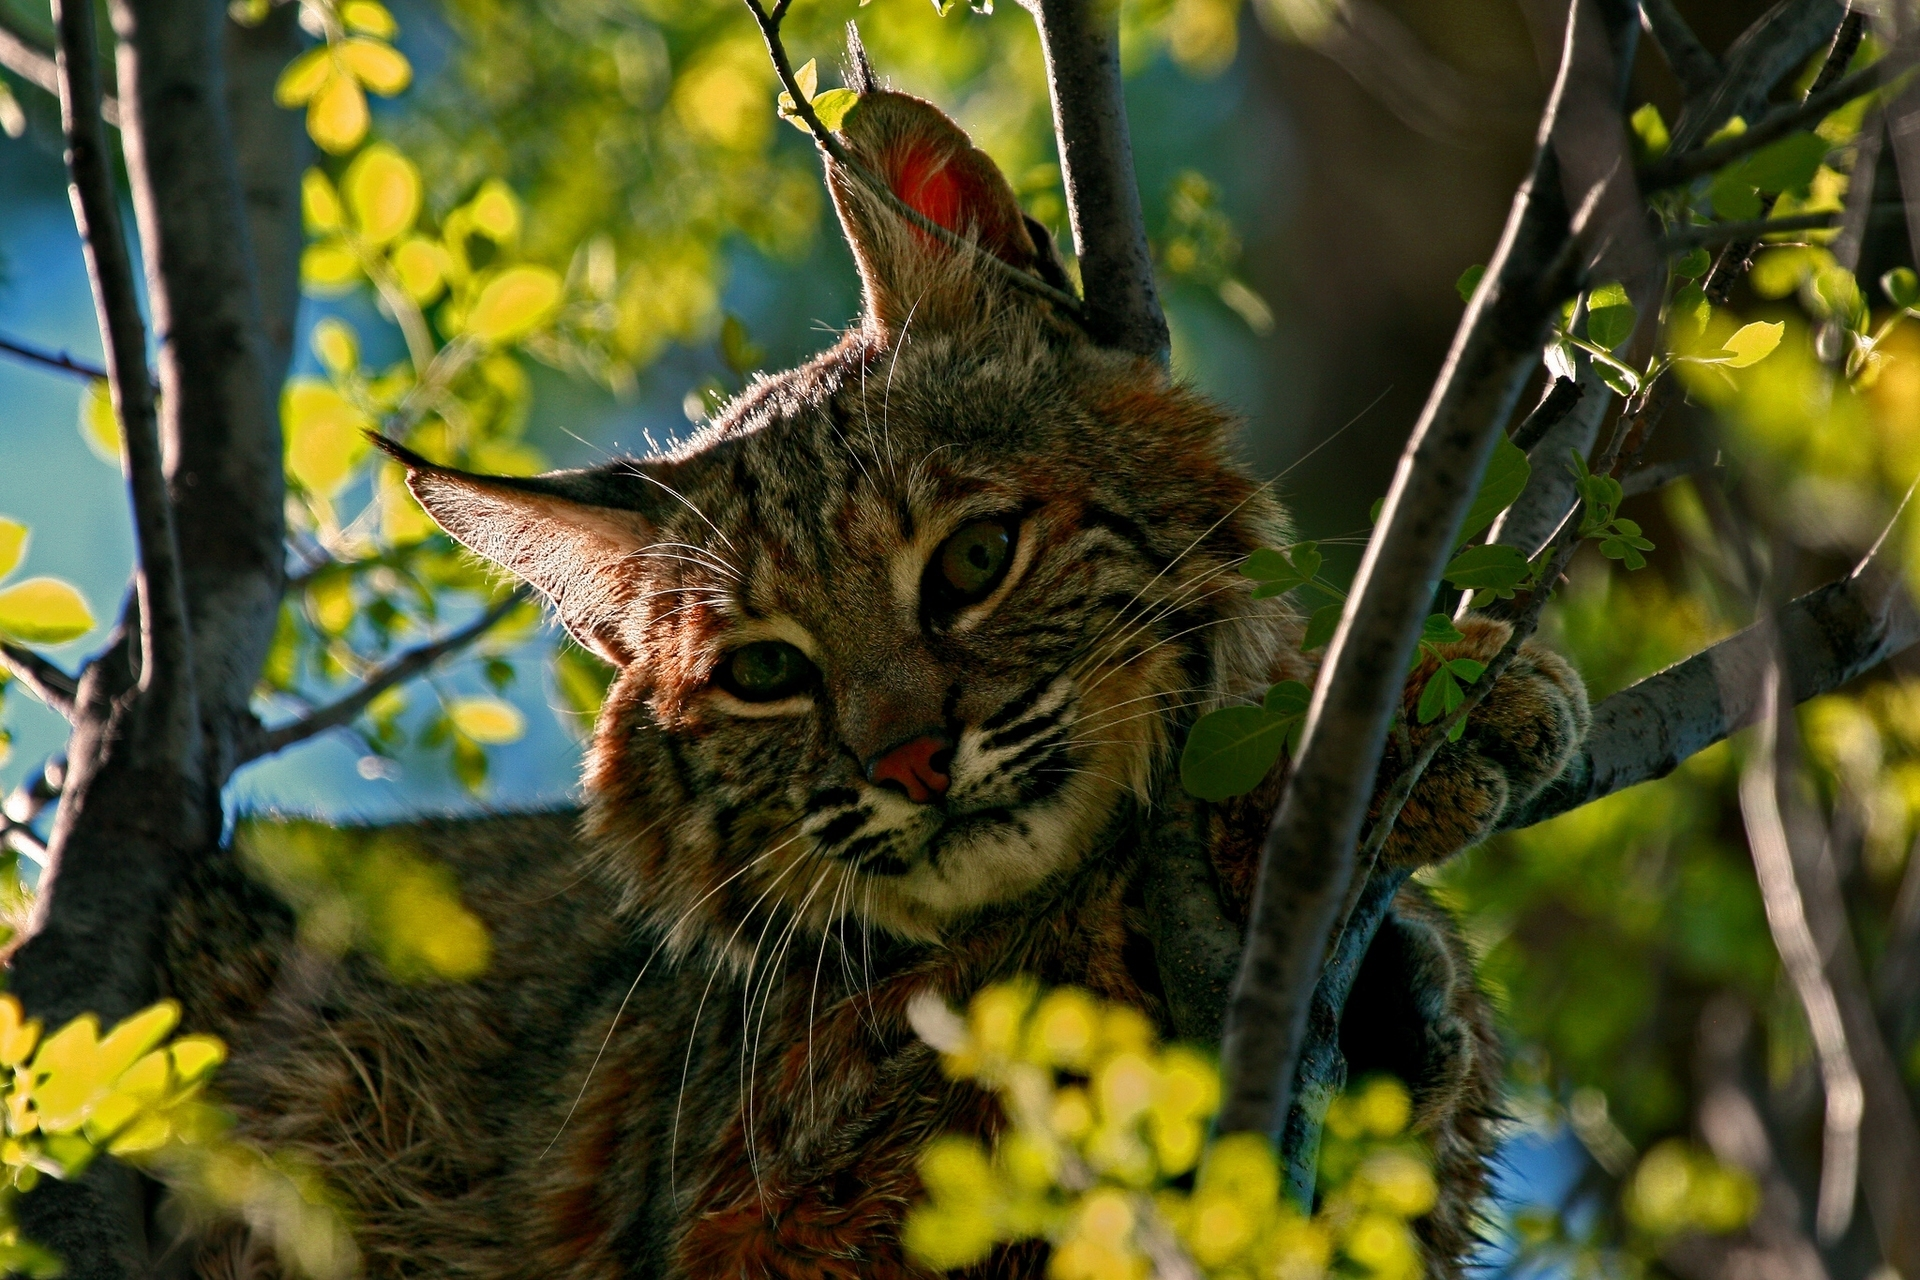 природа животные ветка деревья рысь nature animals branch trees lynx  № 560001 загрузить